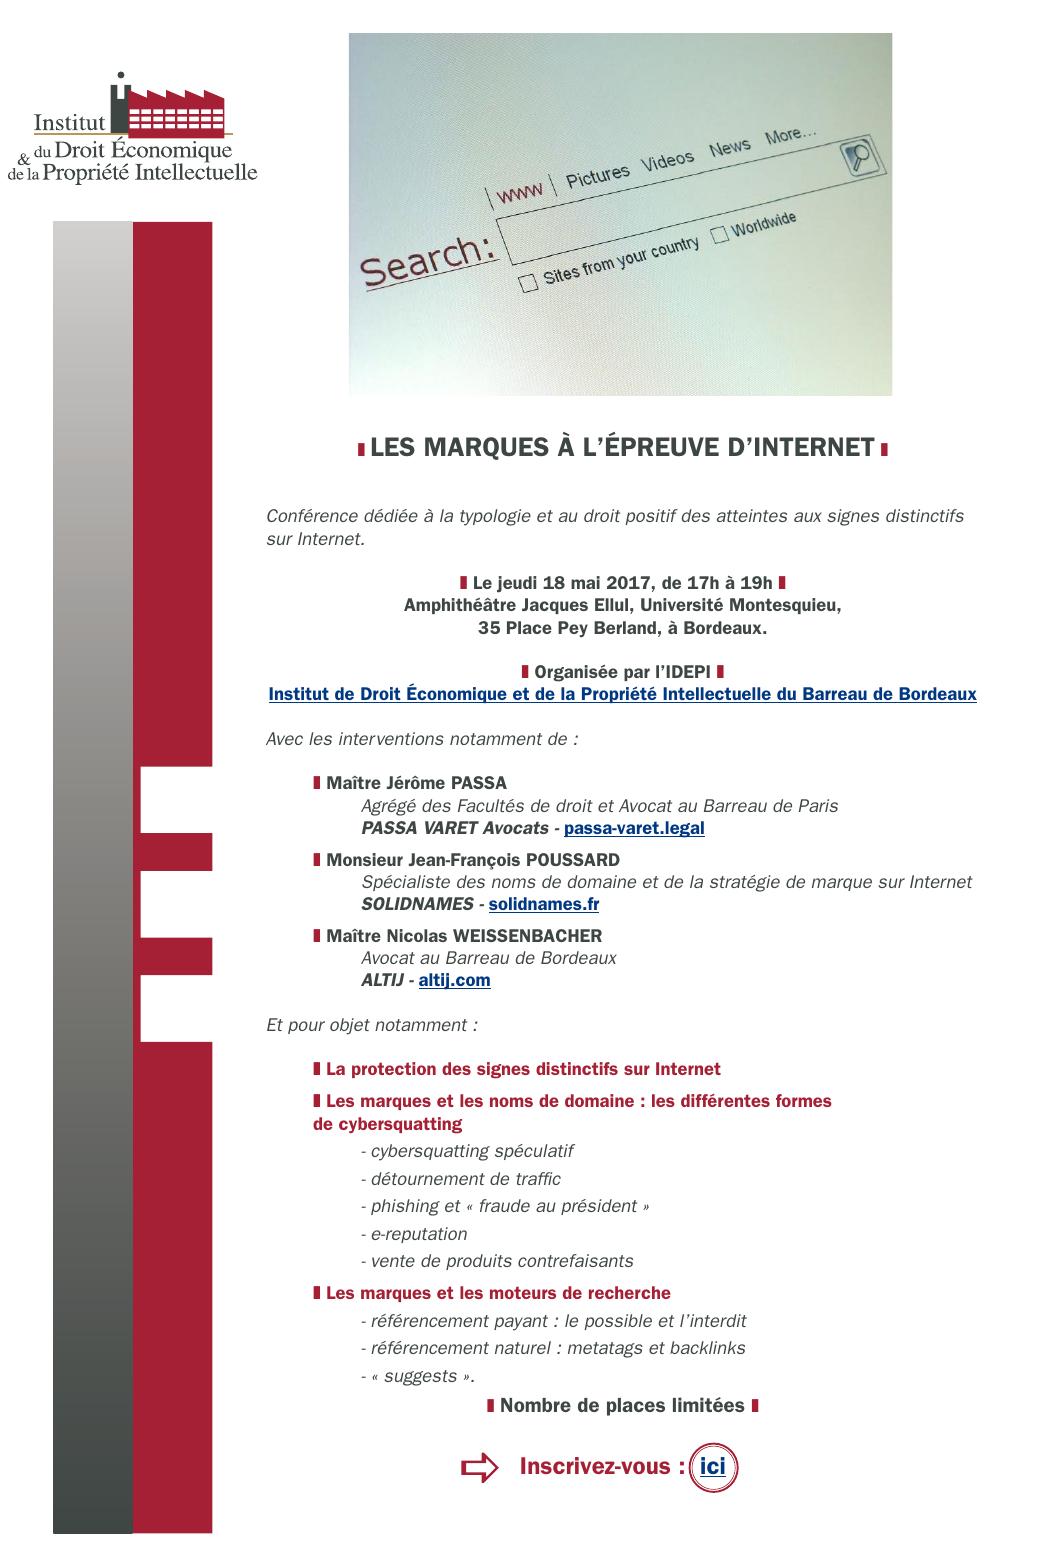 LES MARQUES À L'ÉPREUVE D'INTERNET, le jeudi 18 mai 2017, de 17h à 19h - Amphithéâtre Jacques Ellul, Université Montesquieu, 35 Place Pey Berland, à Bordeaux.